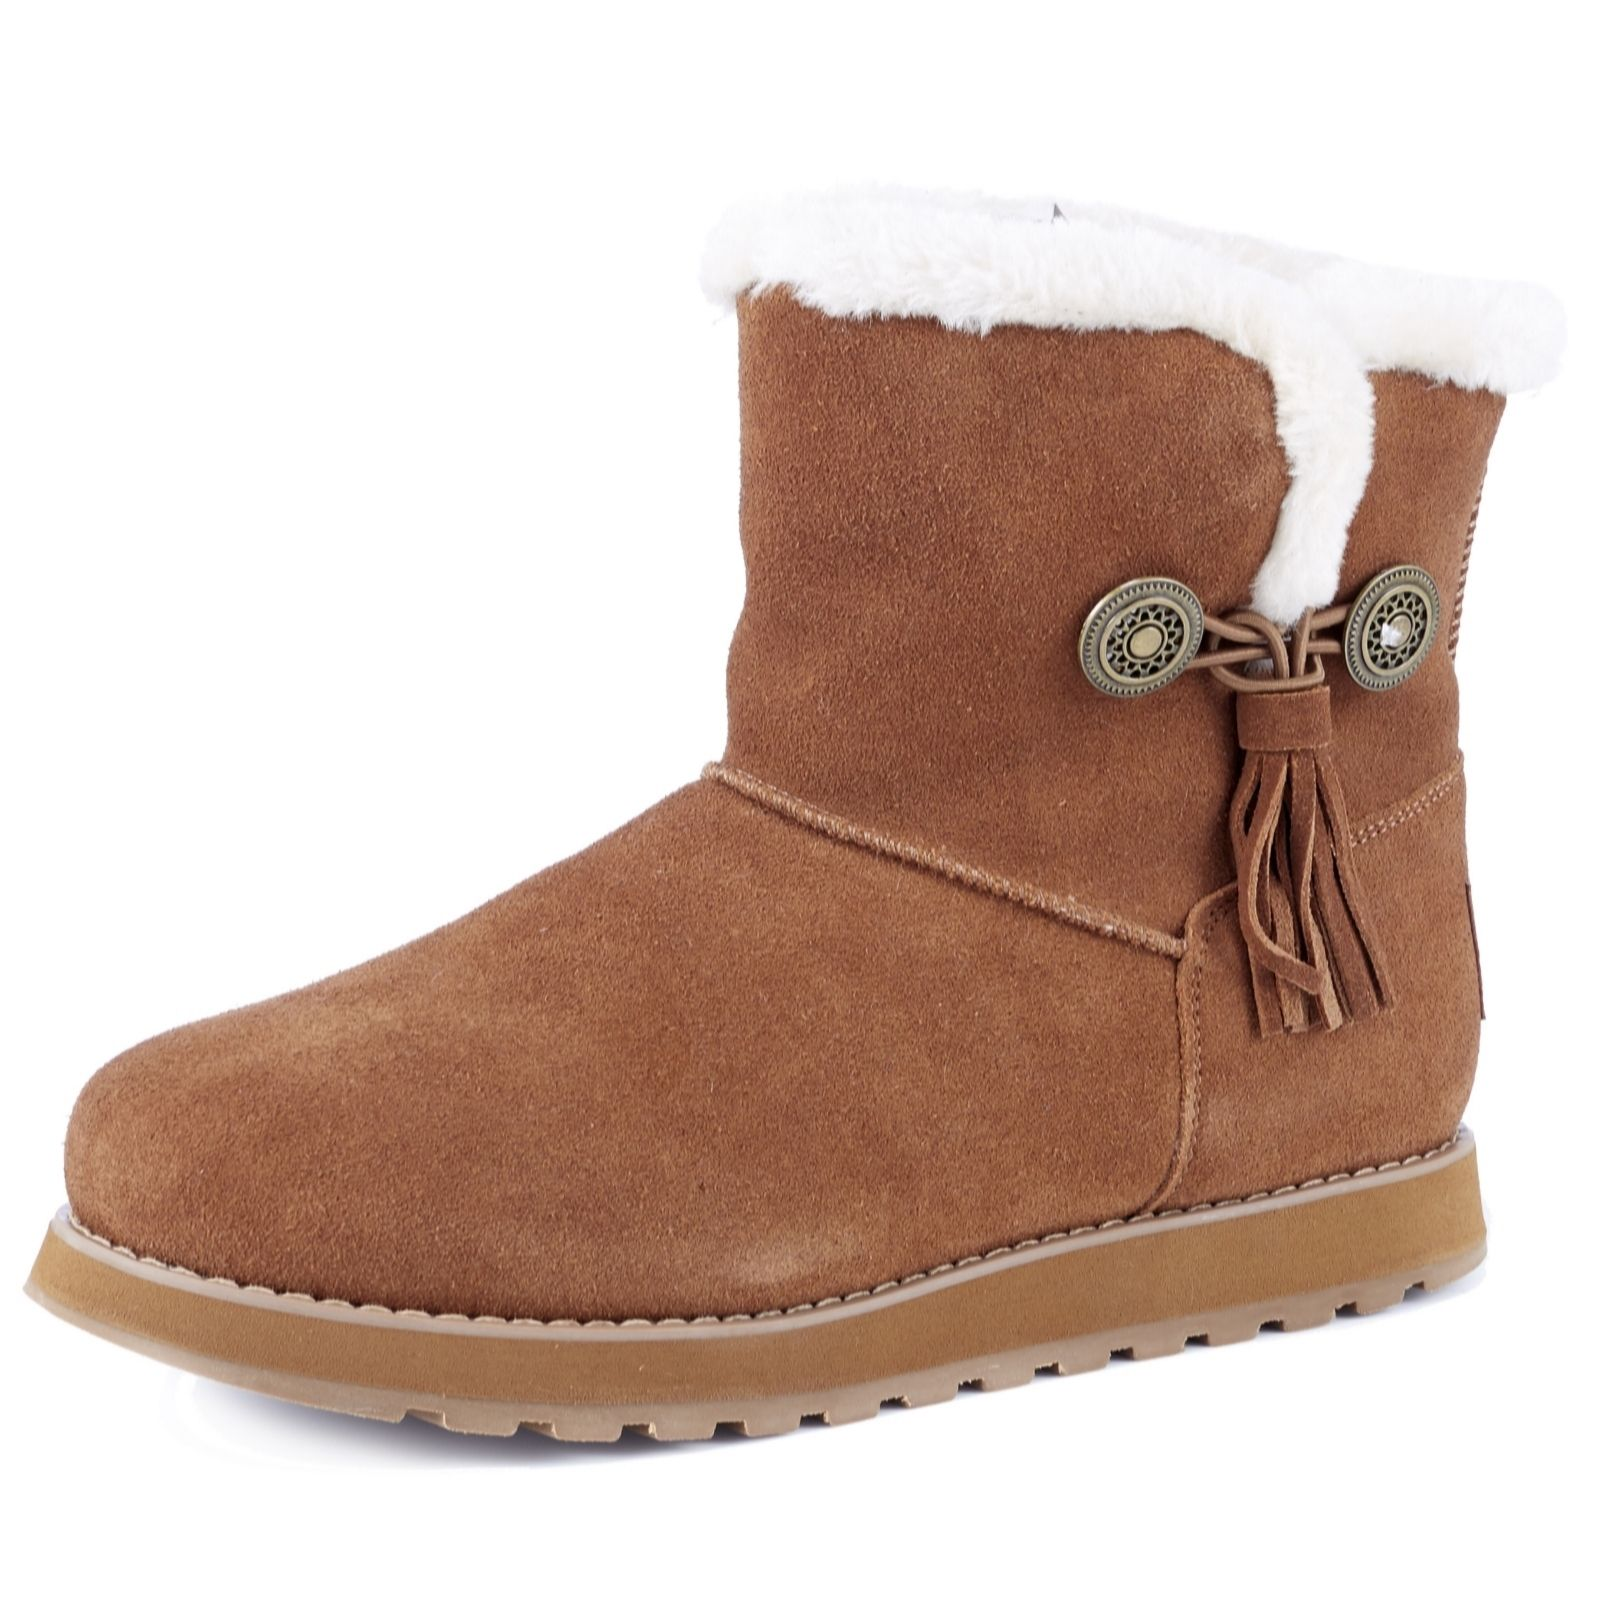 skechers womens boots. skechers keepsakes tassle boot with faux fur lining \u0026 memory foam - 165146 womens boots